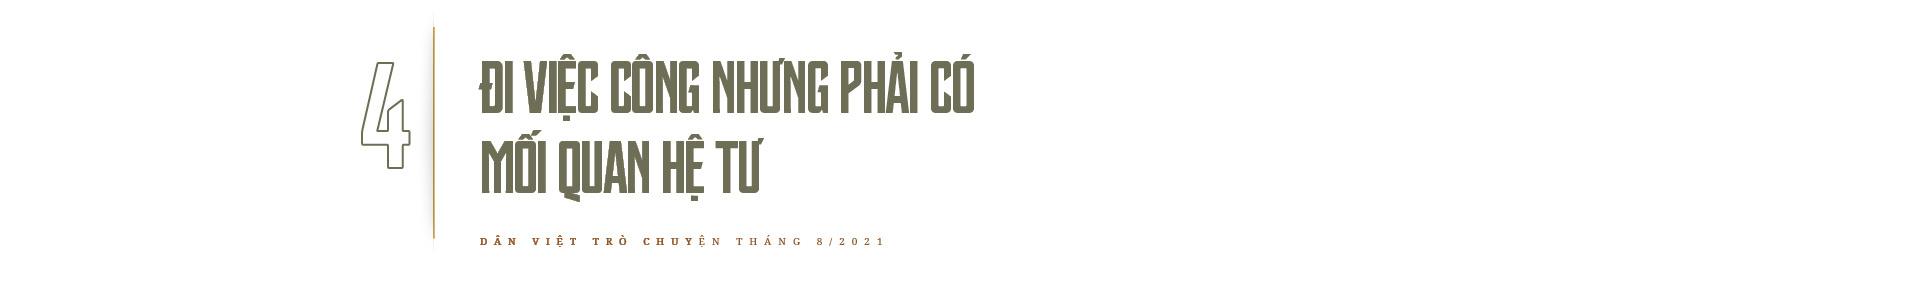 Nhà cách mạng Trần Tử Bình qua lời kể của võ sư Trần Việt Trung: Một cuộc đời như huyền thoại - Ảnh 10.